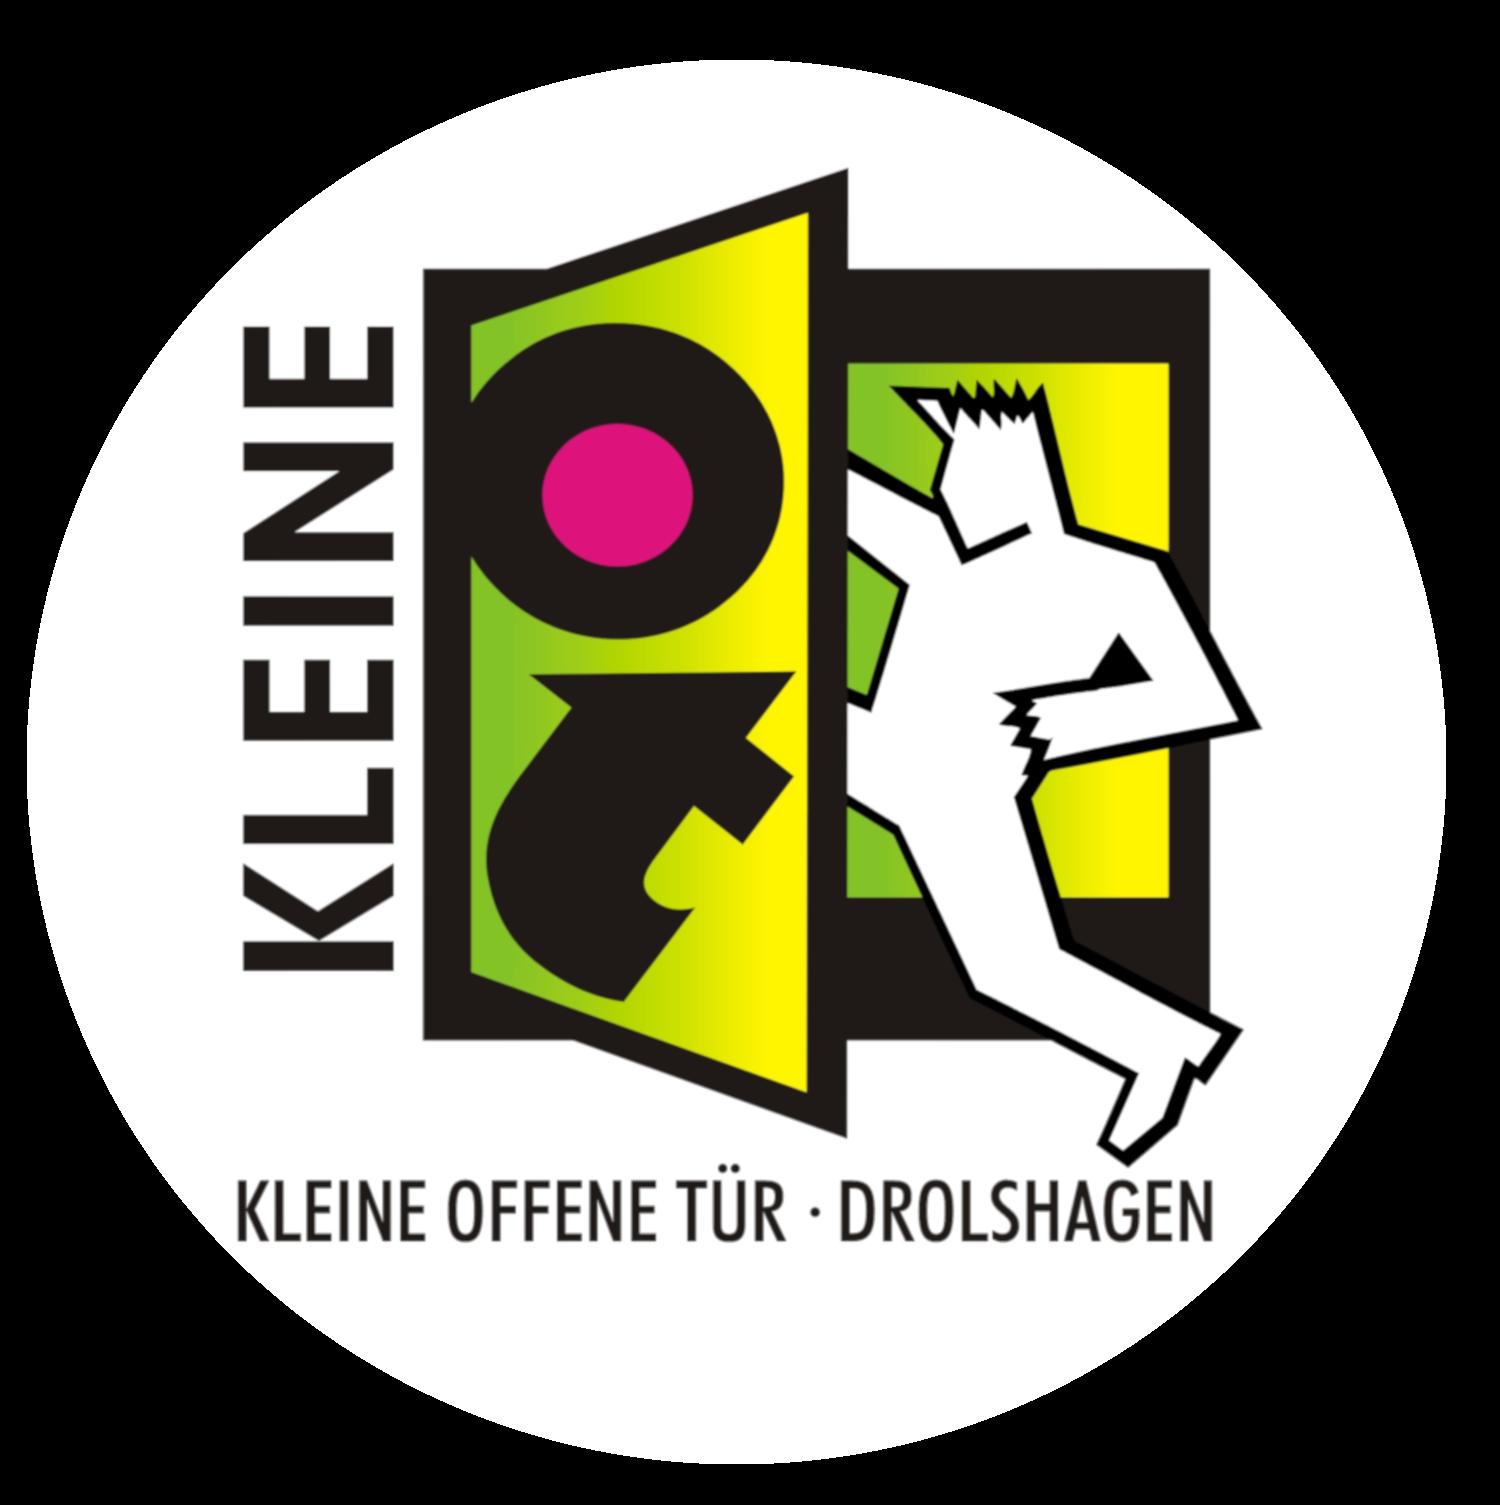 K.o.T. Drolshagen